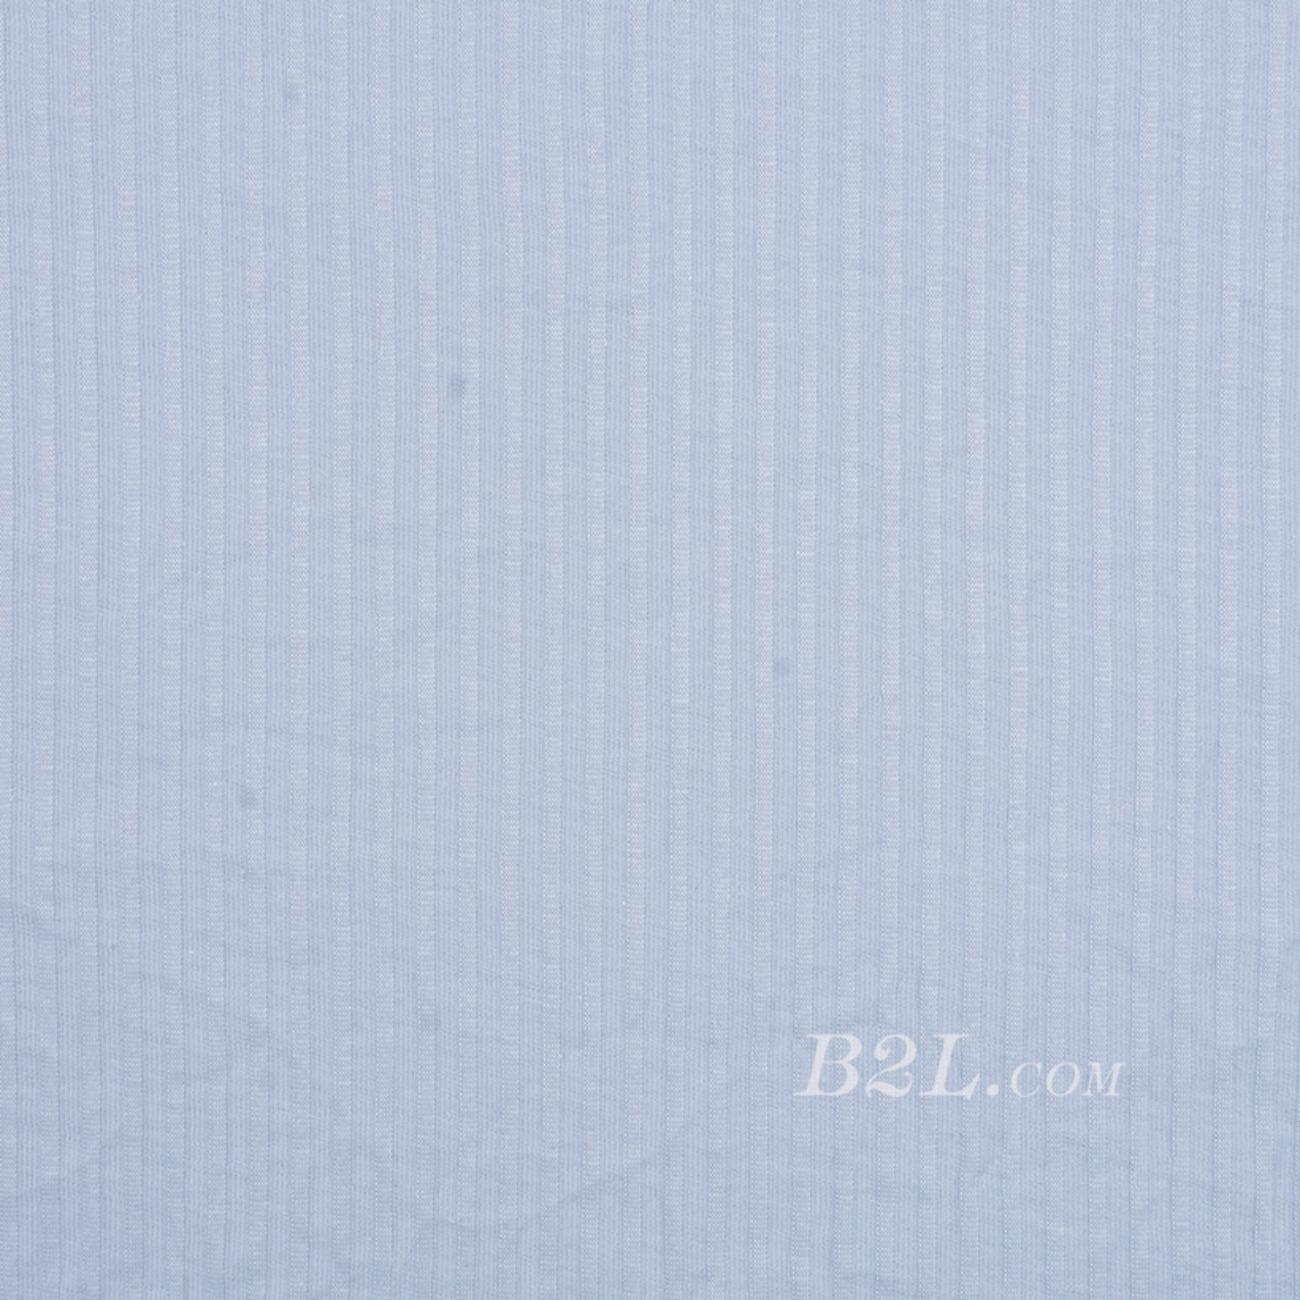 条纹 梭织 染色 低弹 春秋 连衣裙 时装 90304-15